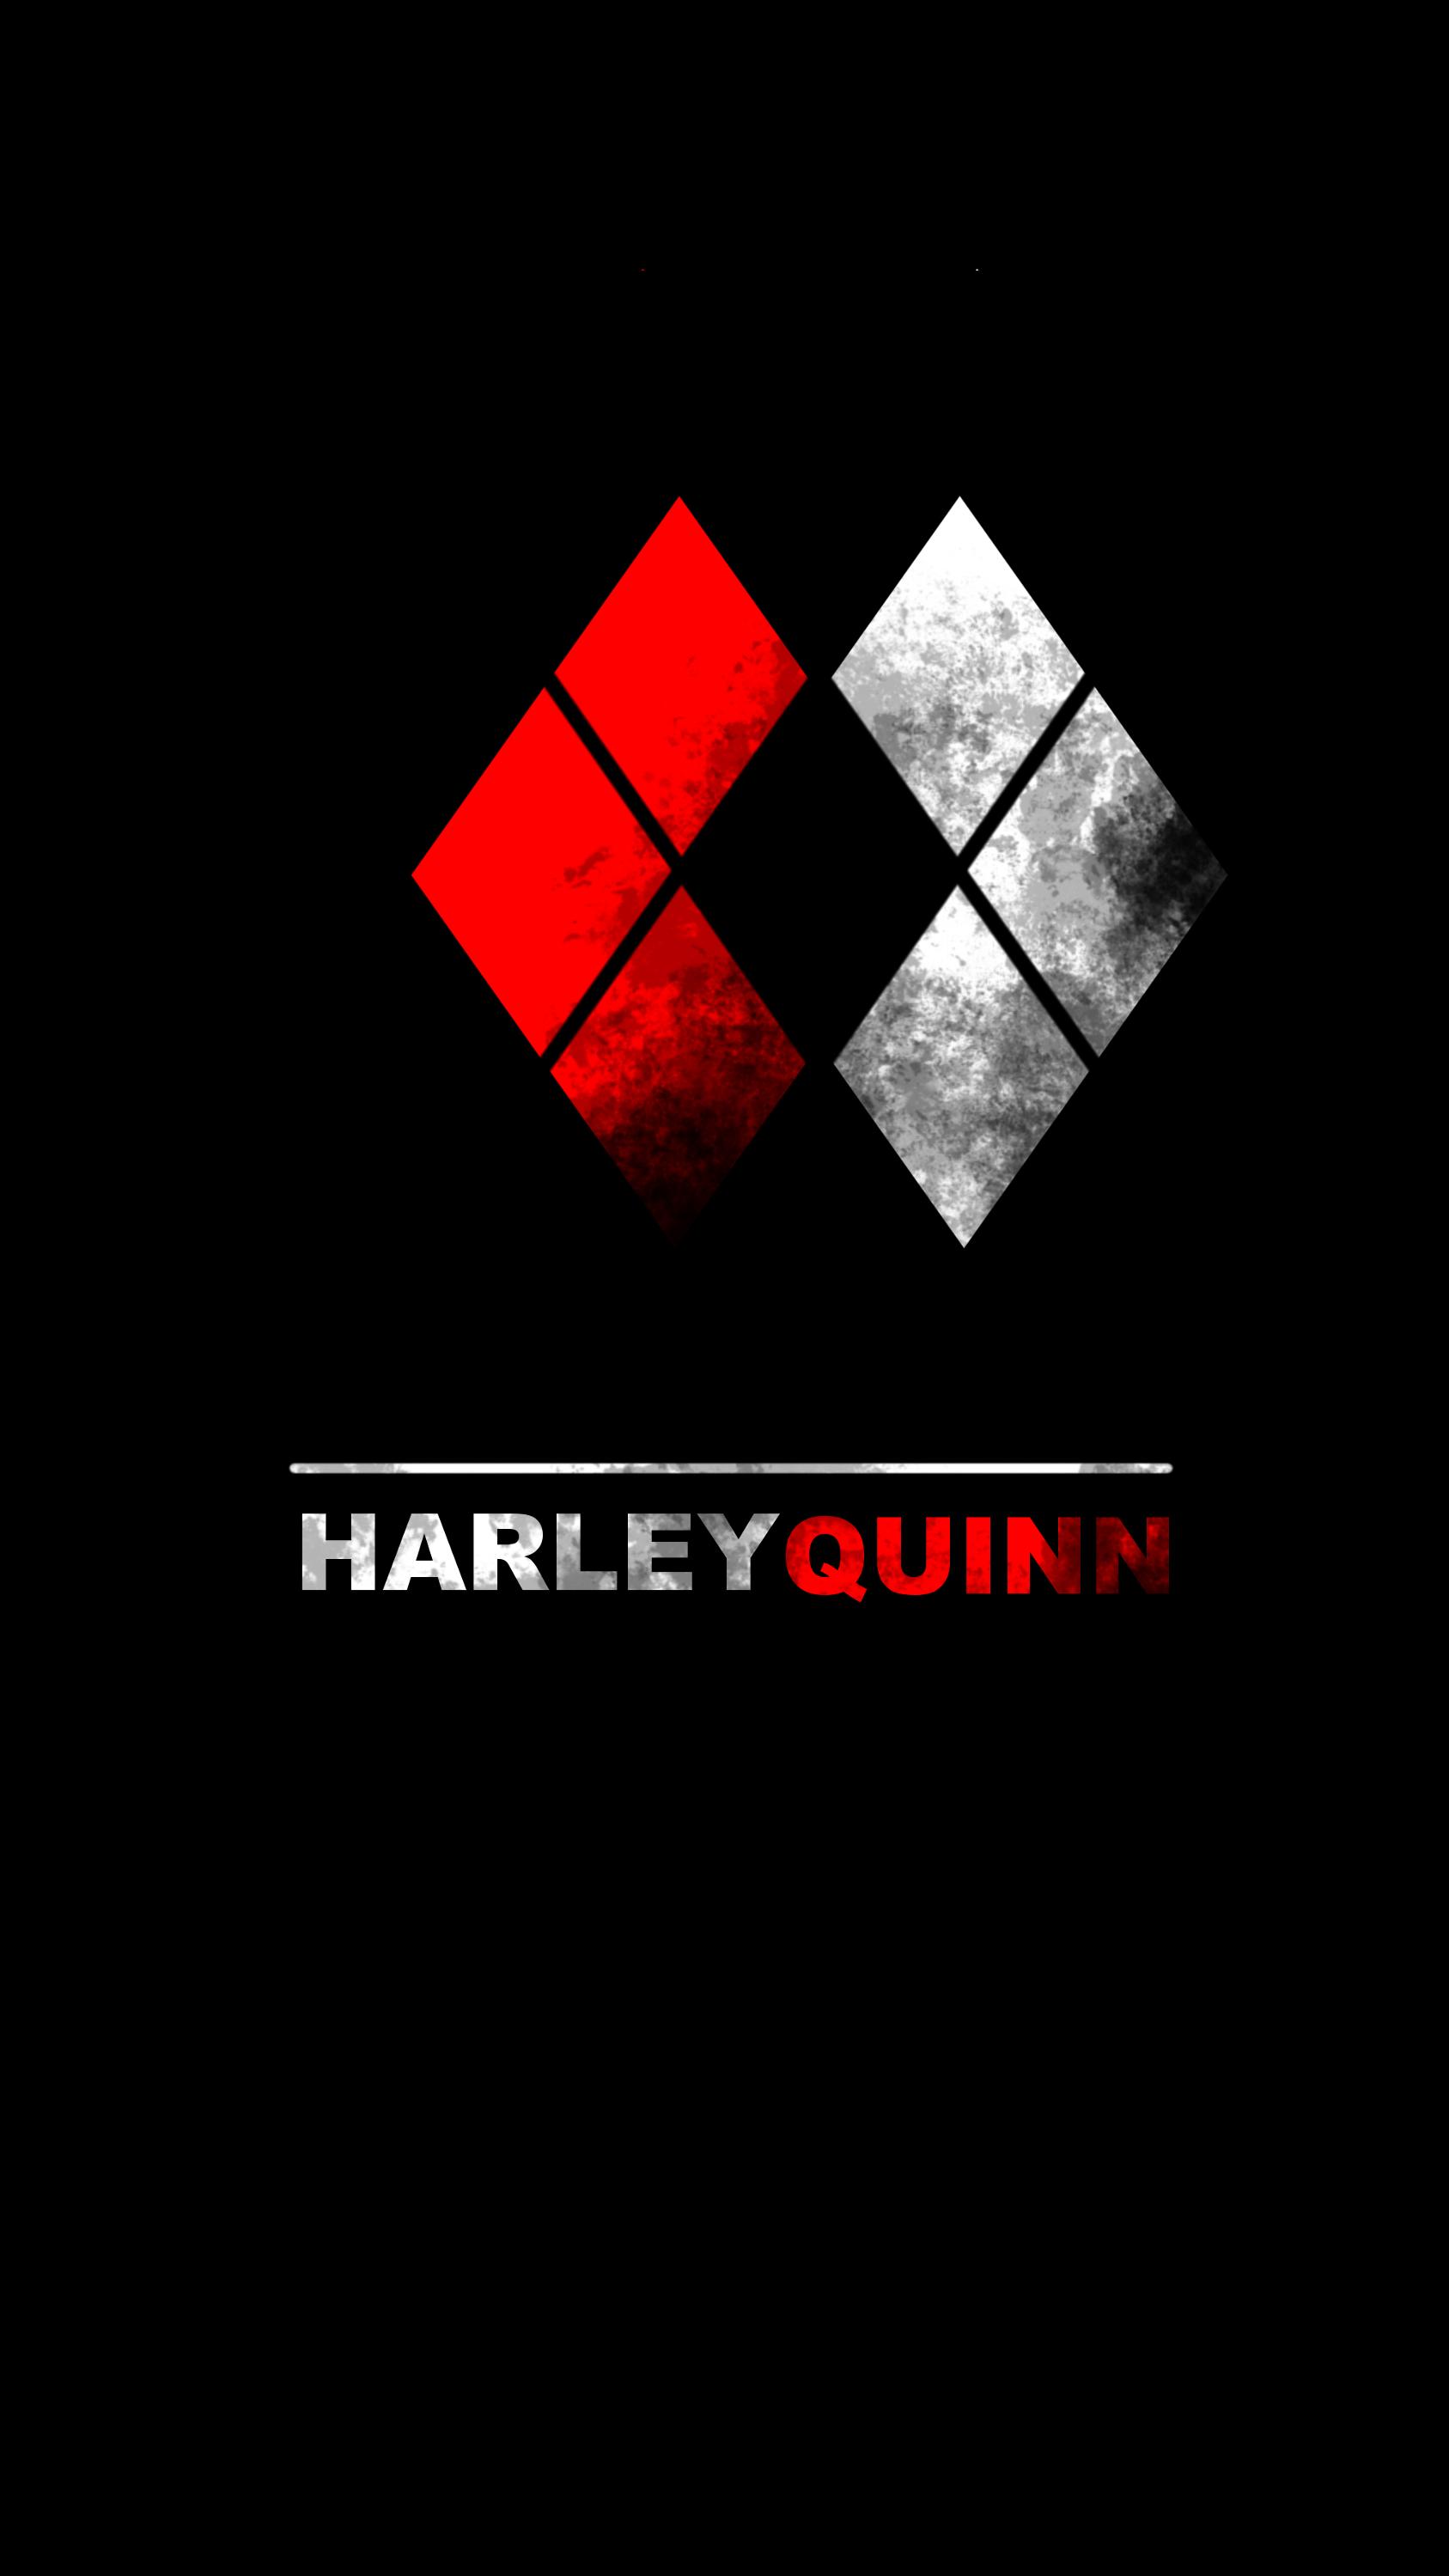 Harley Quinn Iphone 6 Wallpaper Wallpapersafari